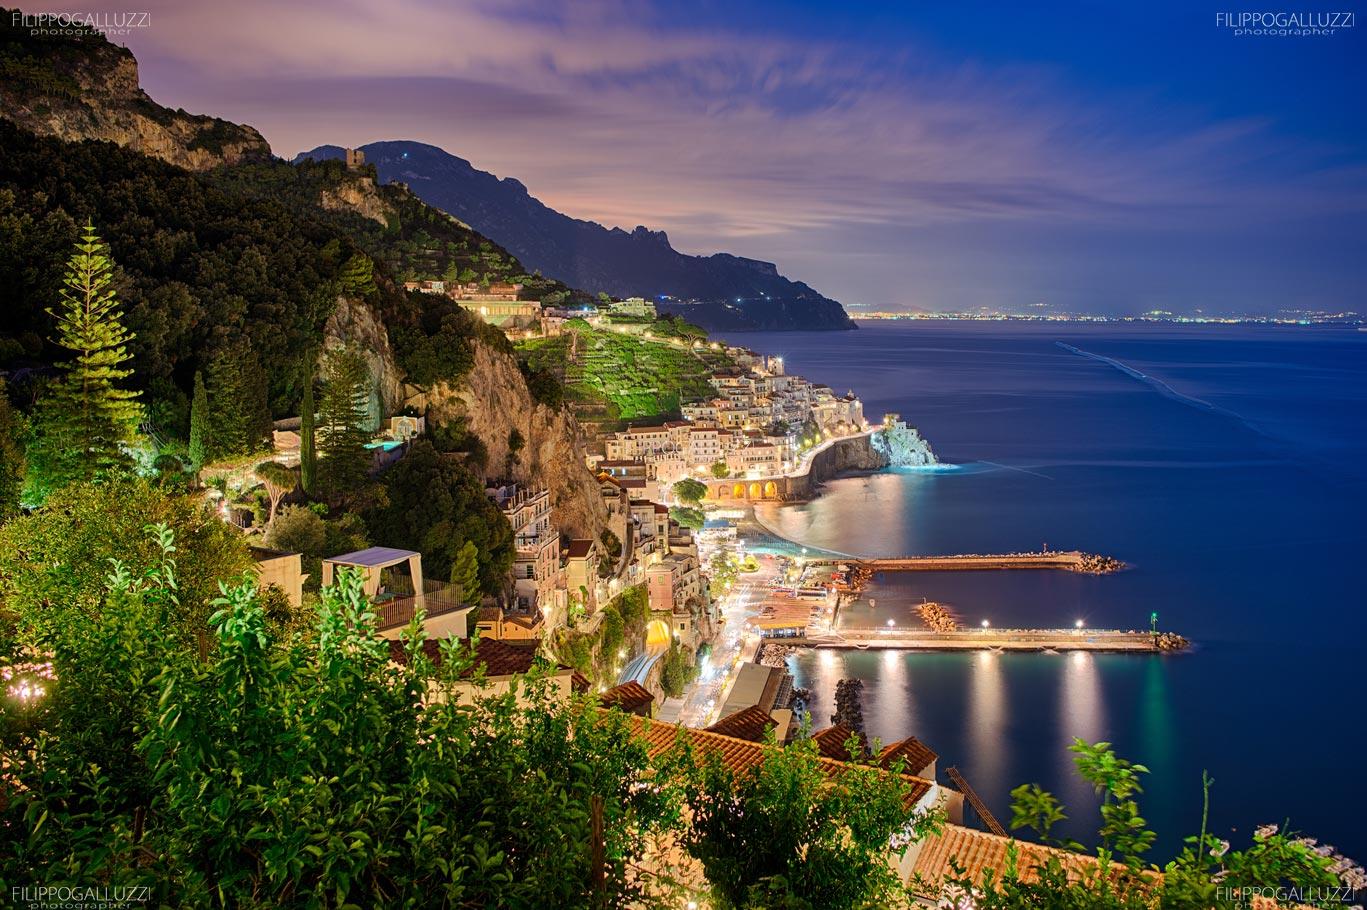 Vista notturna su Amalfi